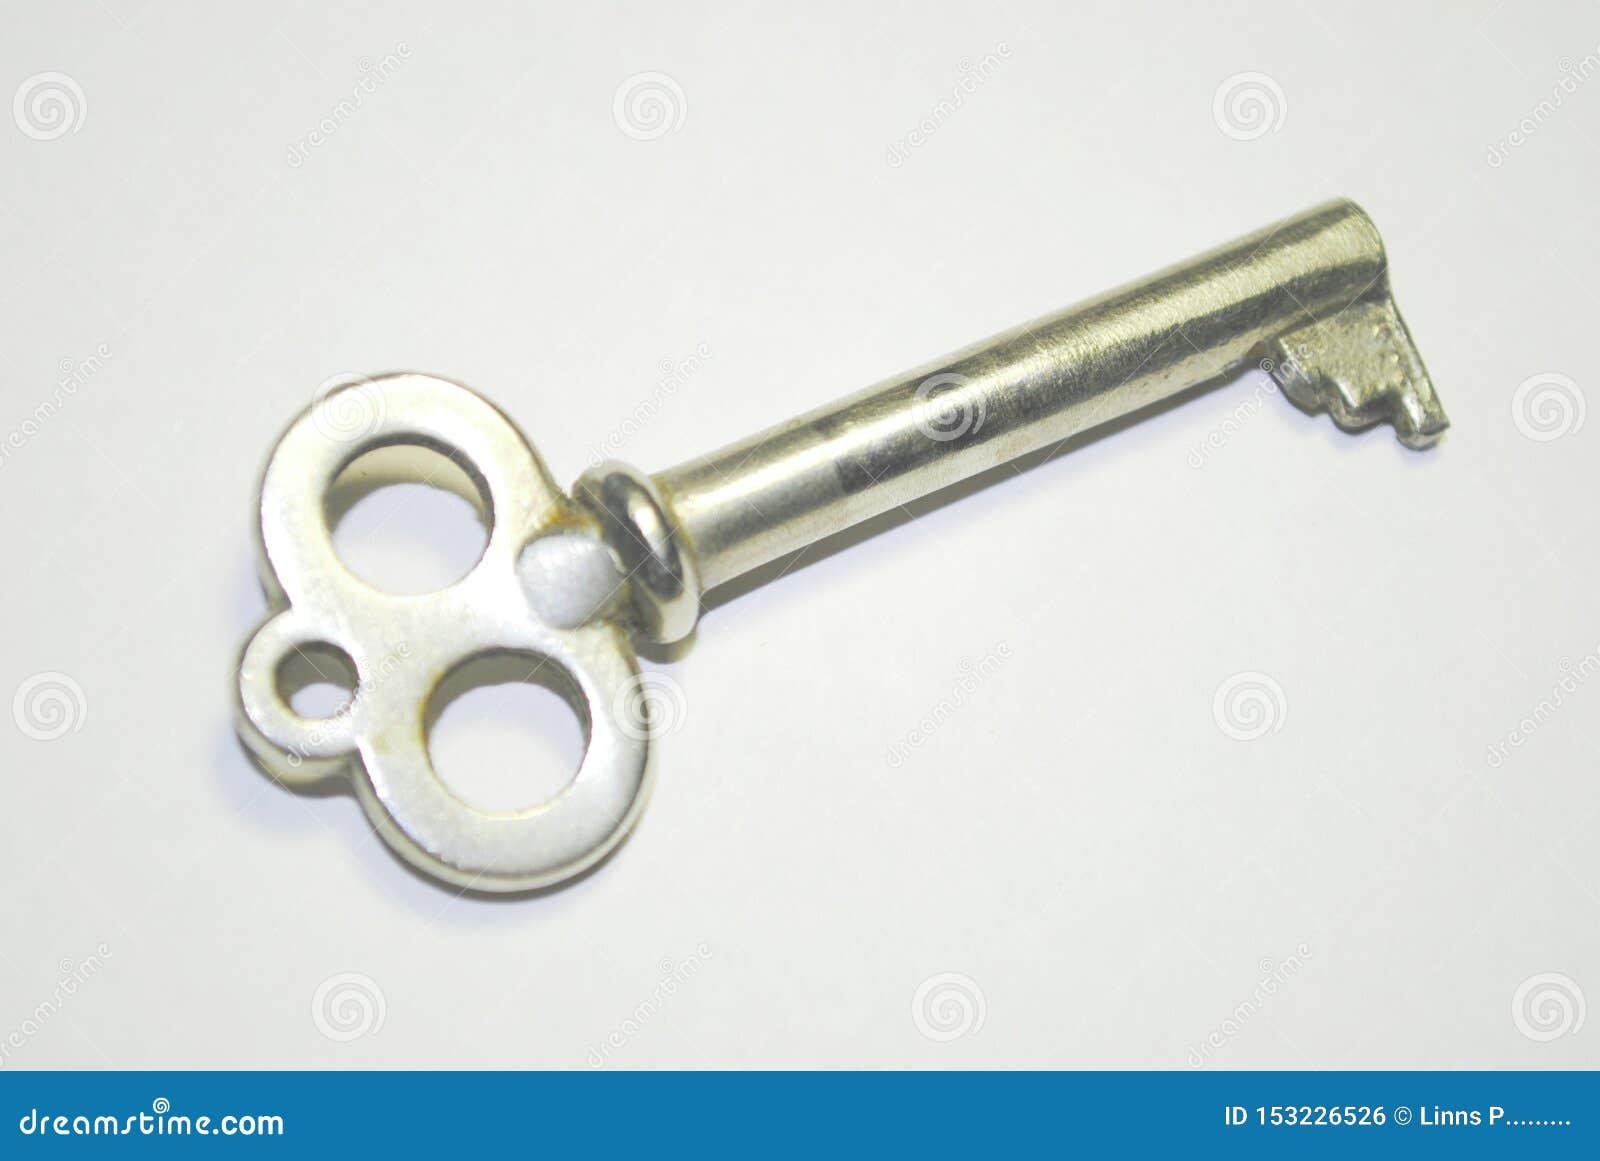 Uitstekende sleutel op witte achtergrond